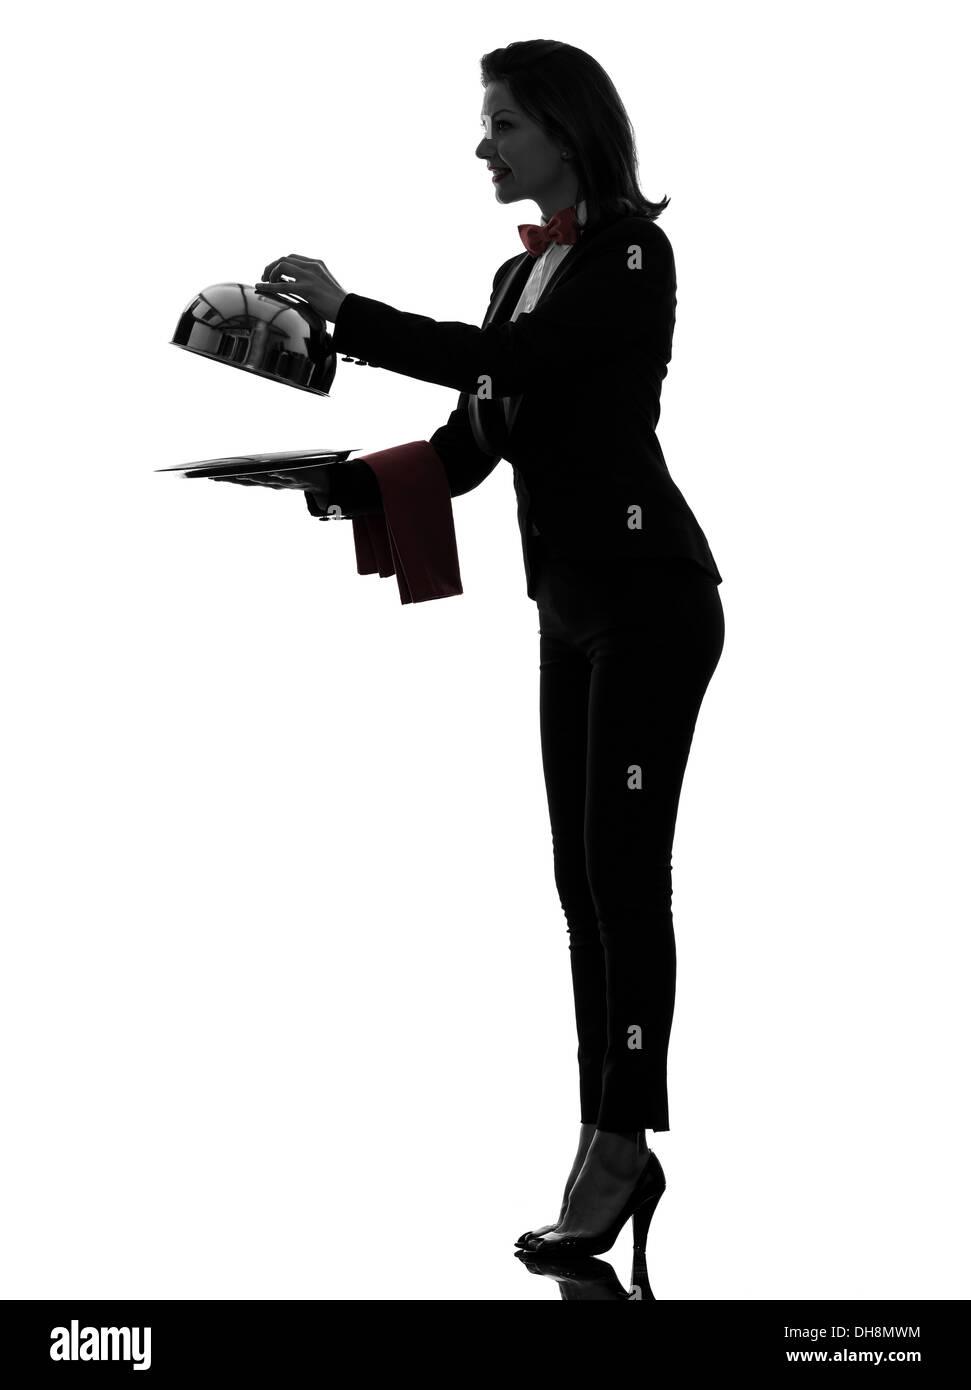 Una donna cameriere maggiordomo Ristorazione apertura cupola in silhouette su sfondo bianco Immagini Stock